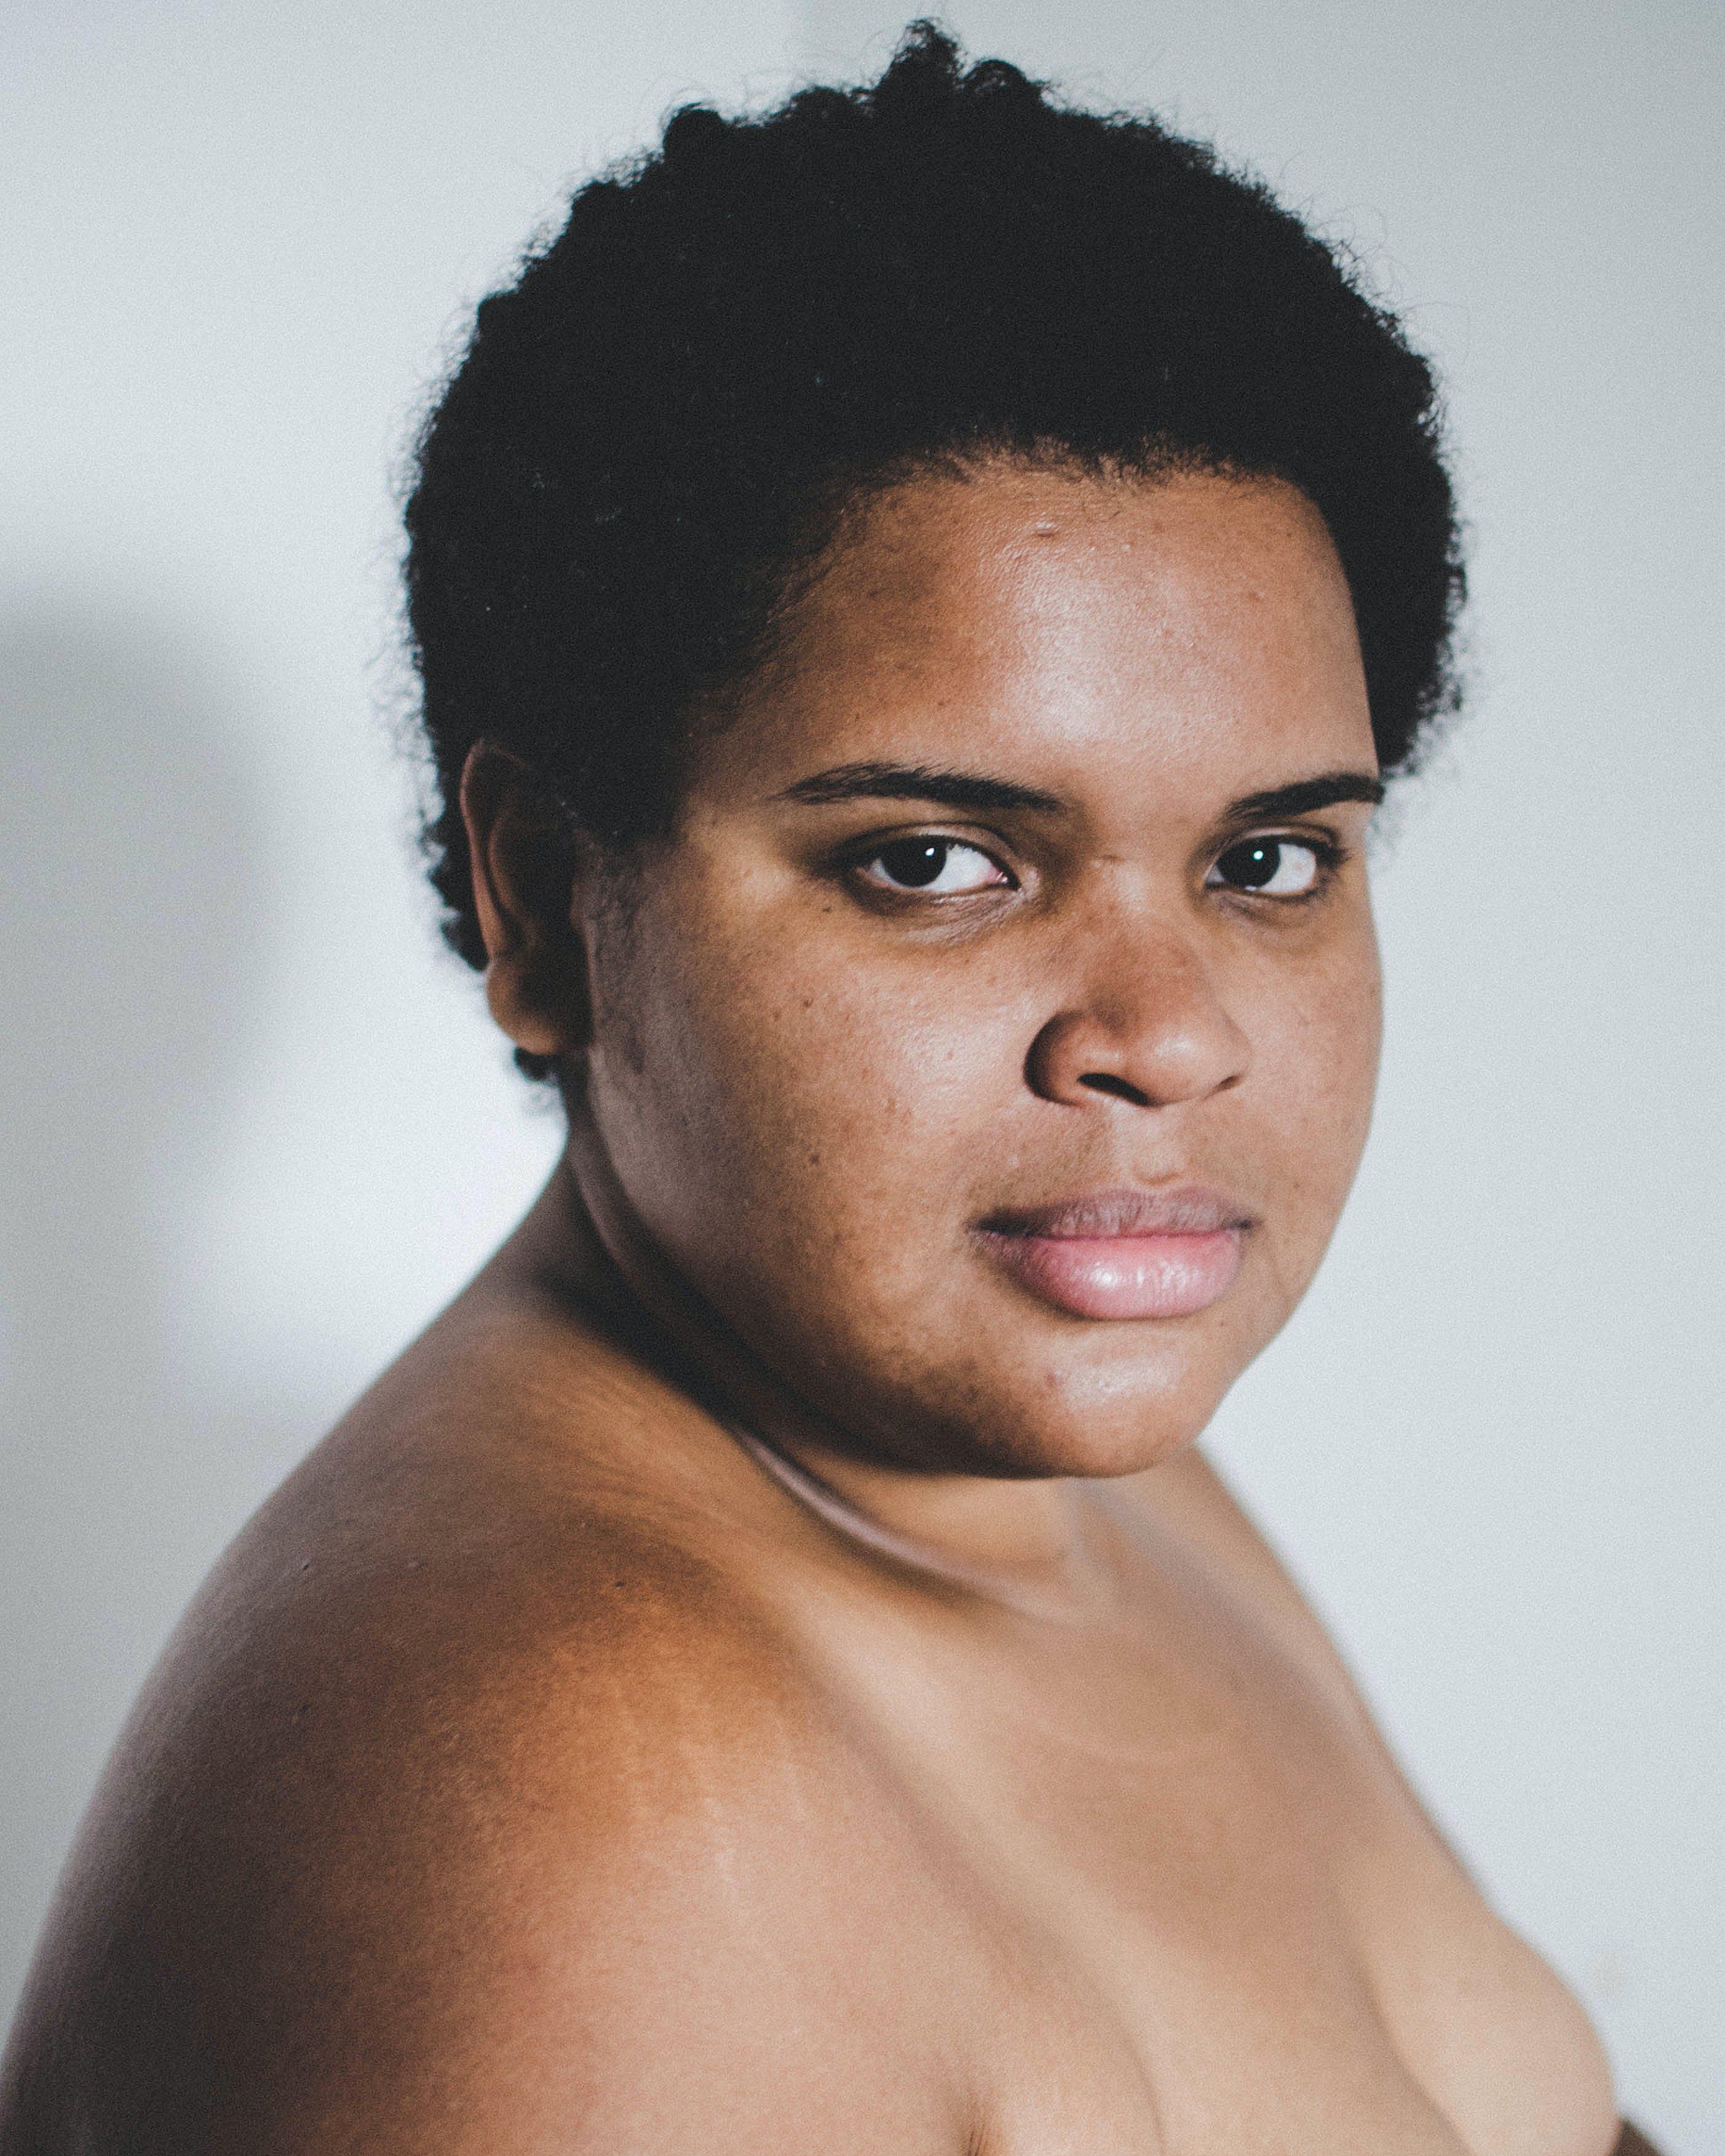 Gratis lagerfoto af ansigtsudtryk, fotosession, fra siden, hud